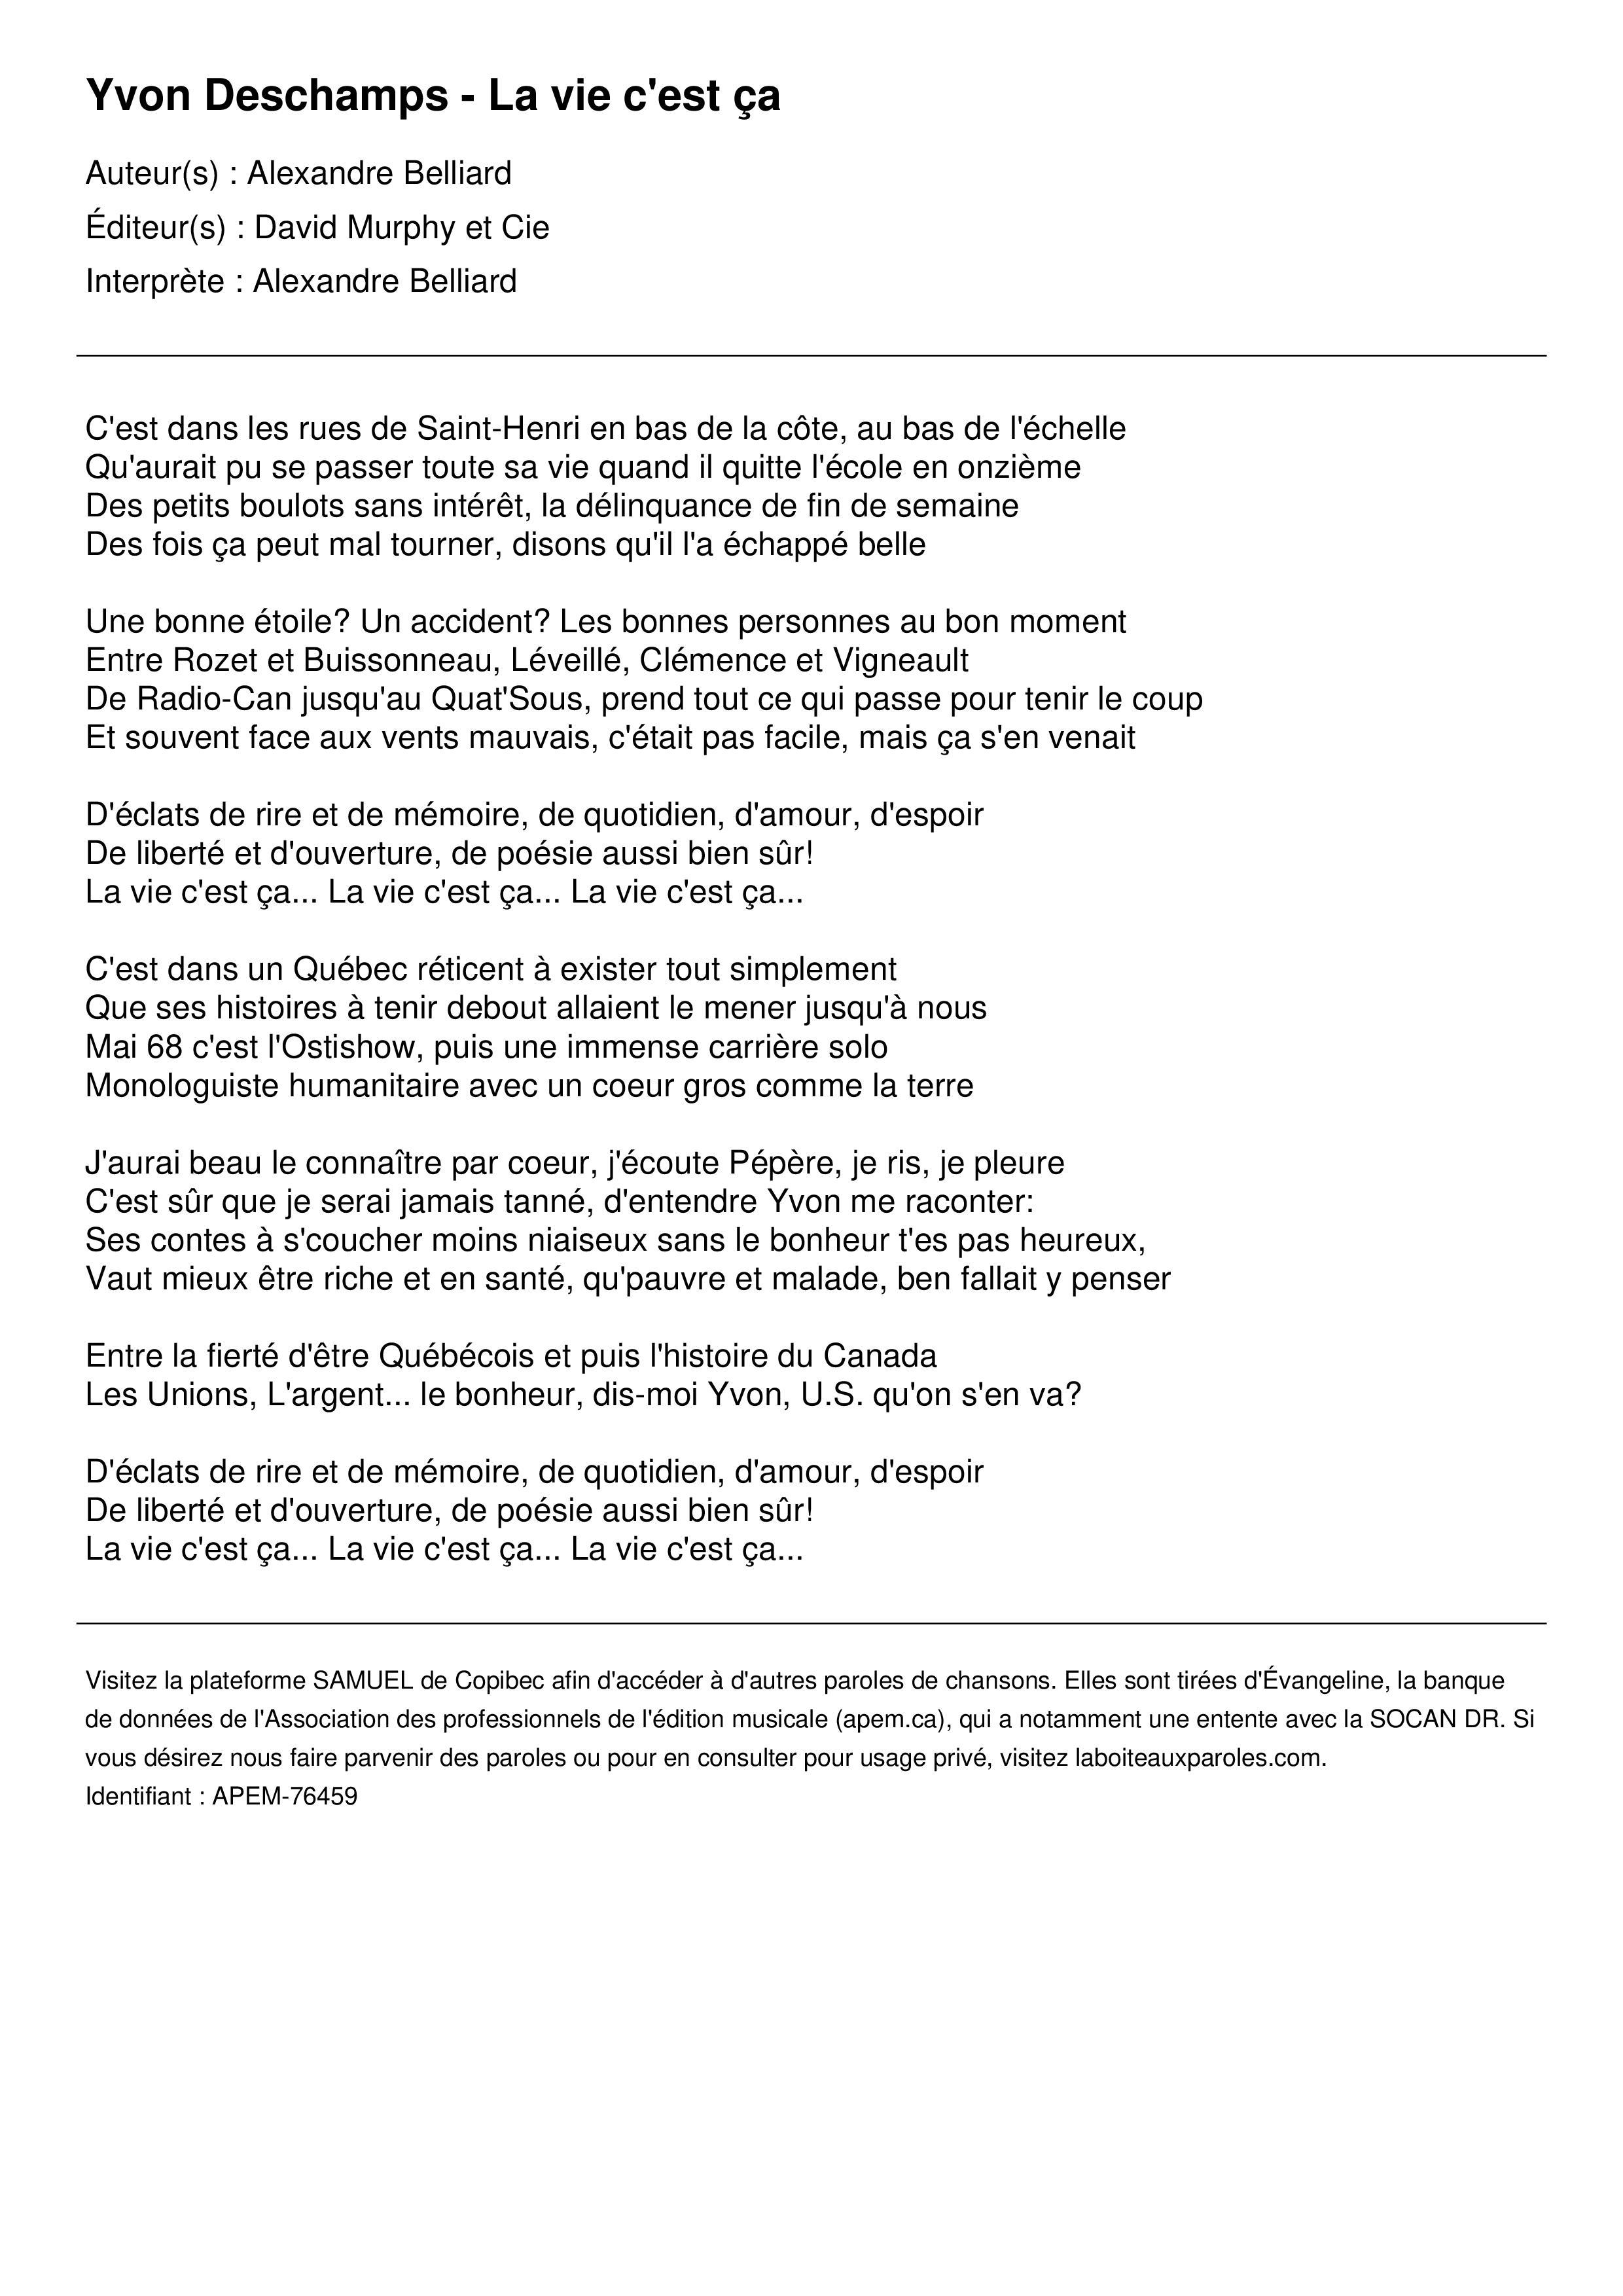 Yvon Deschamps - La vie c'est ça